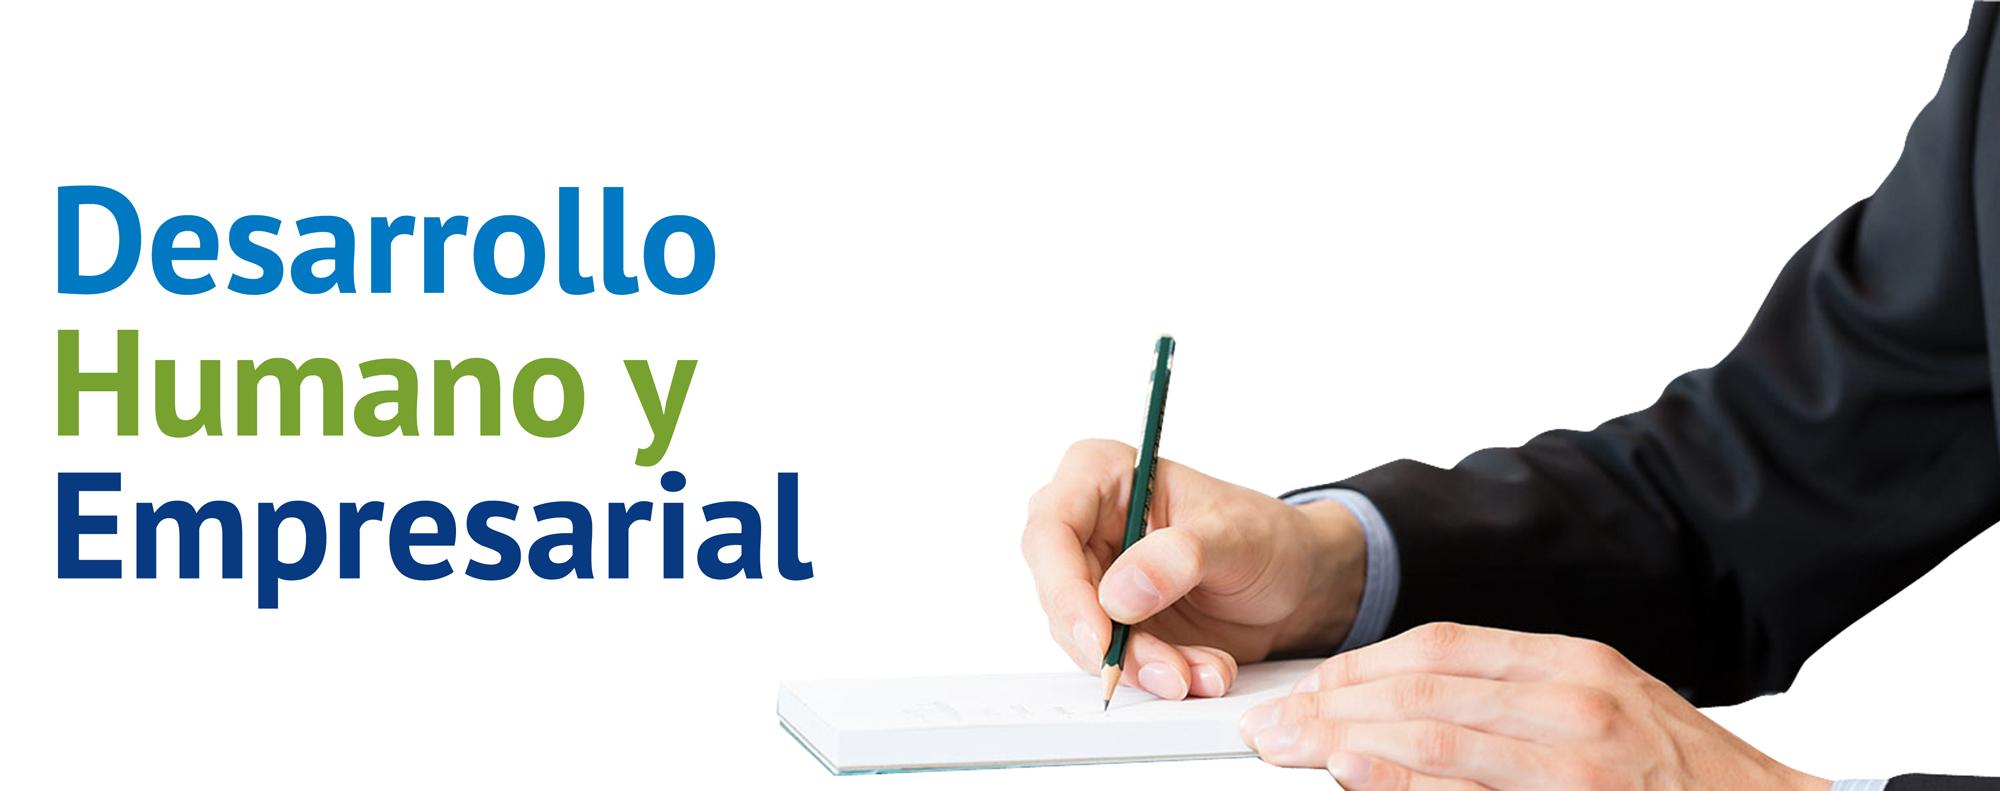 slider_empresarial-1